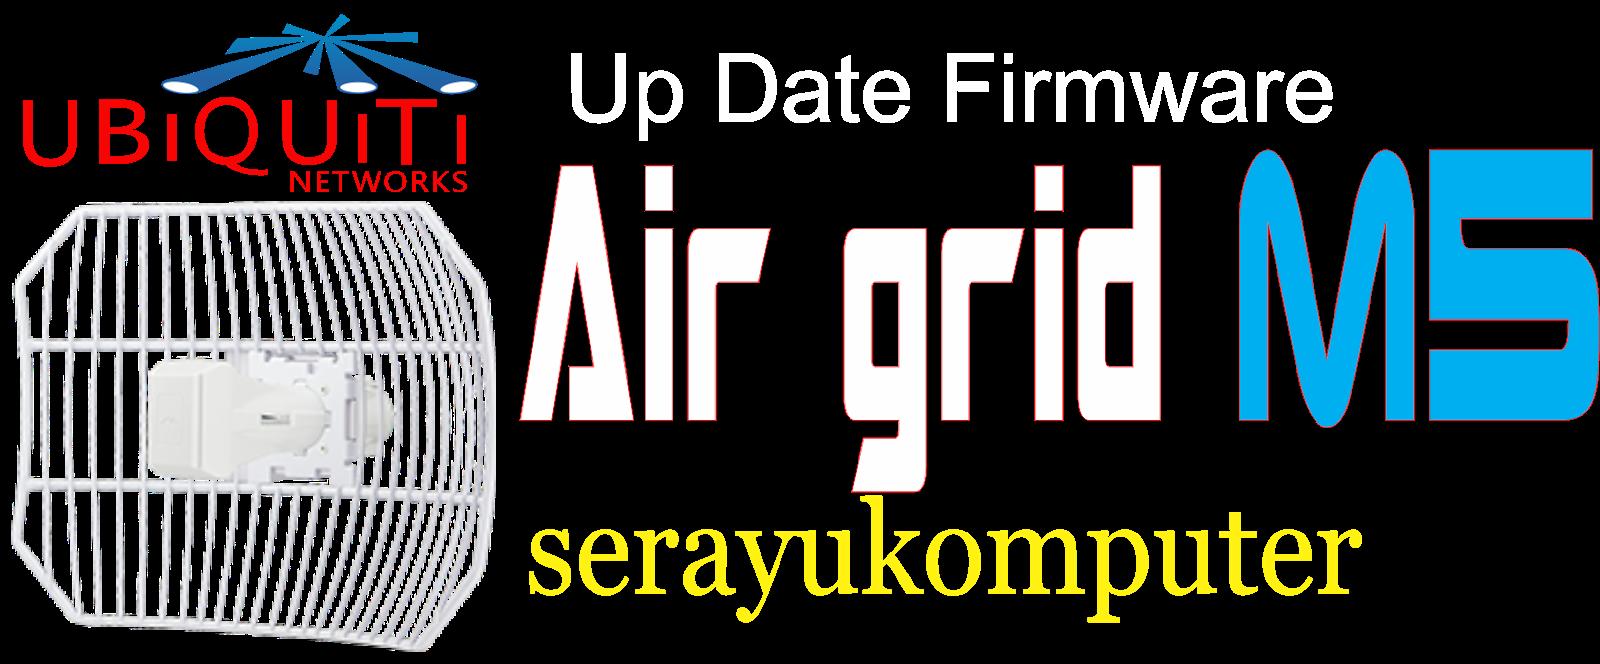 serayukomputer: Up Date Firmware Airgrid M5